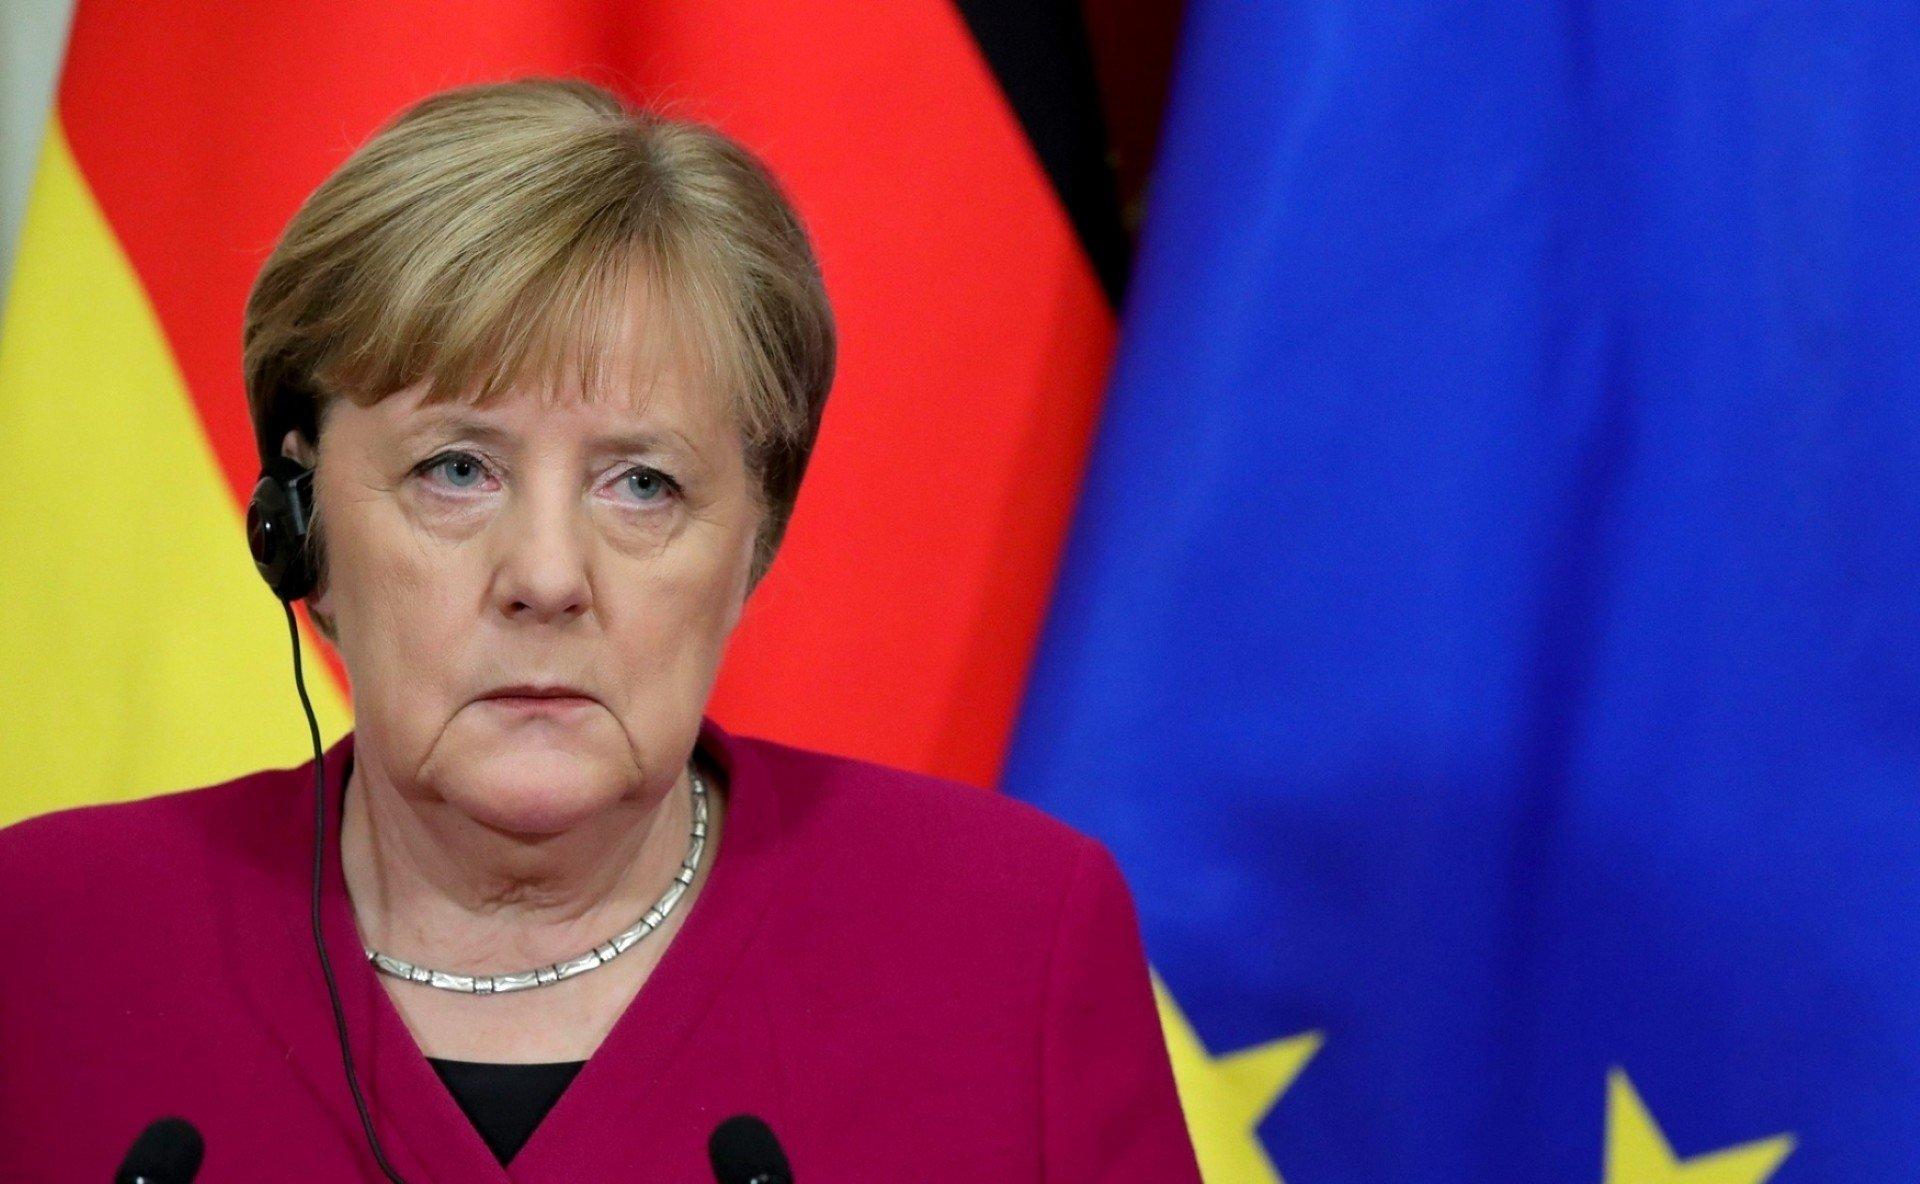 Меркель хочет закрыть все горнолыжные курорты ЕС